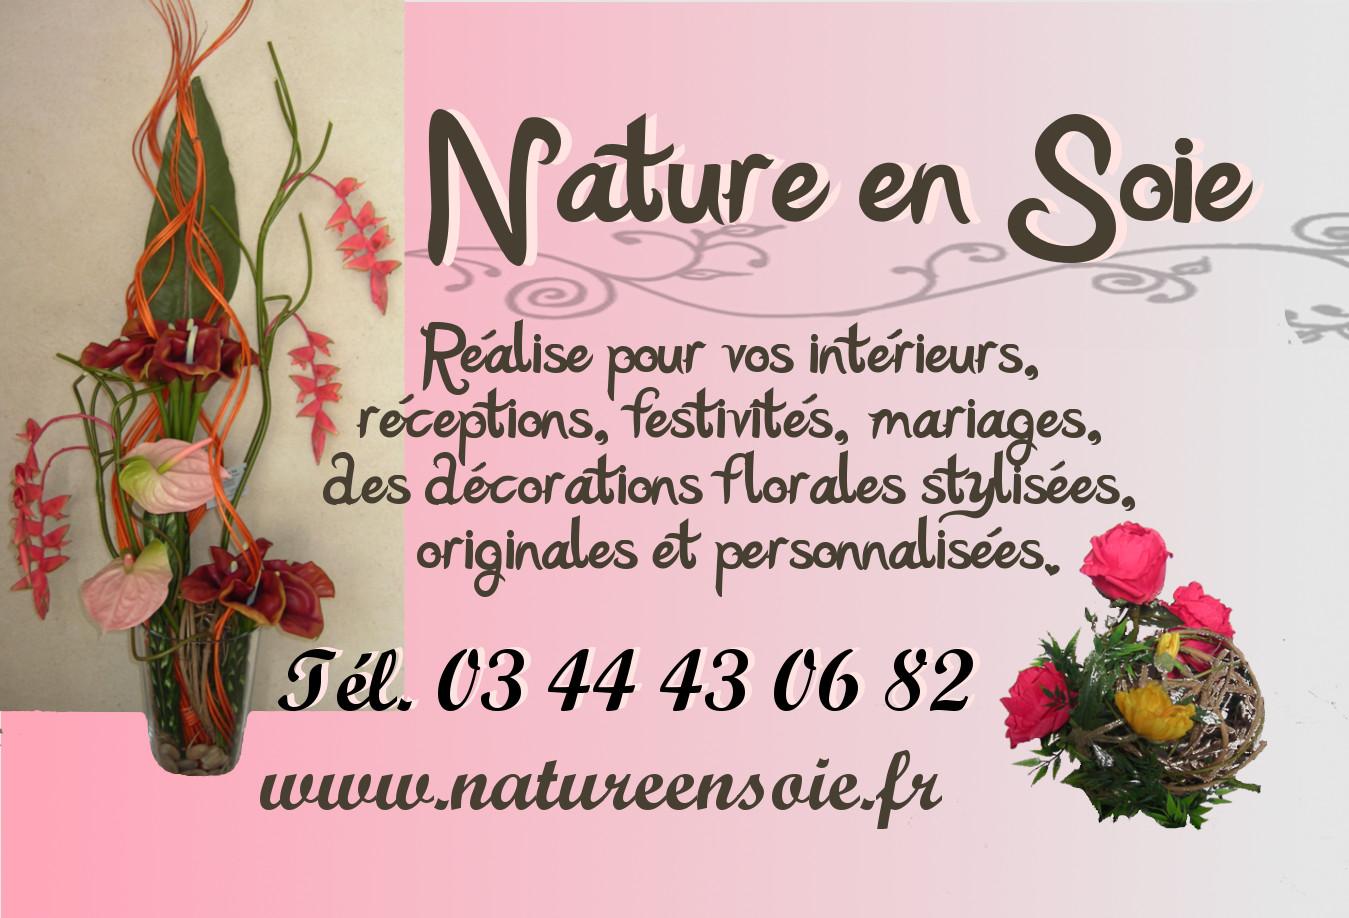 Nature en Soie - Décoration florale